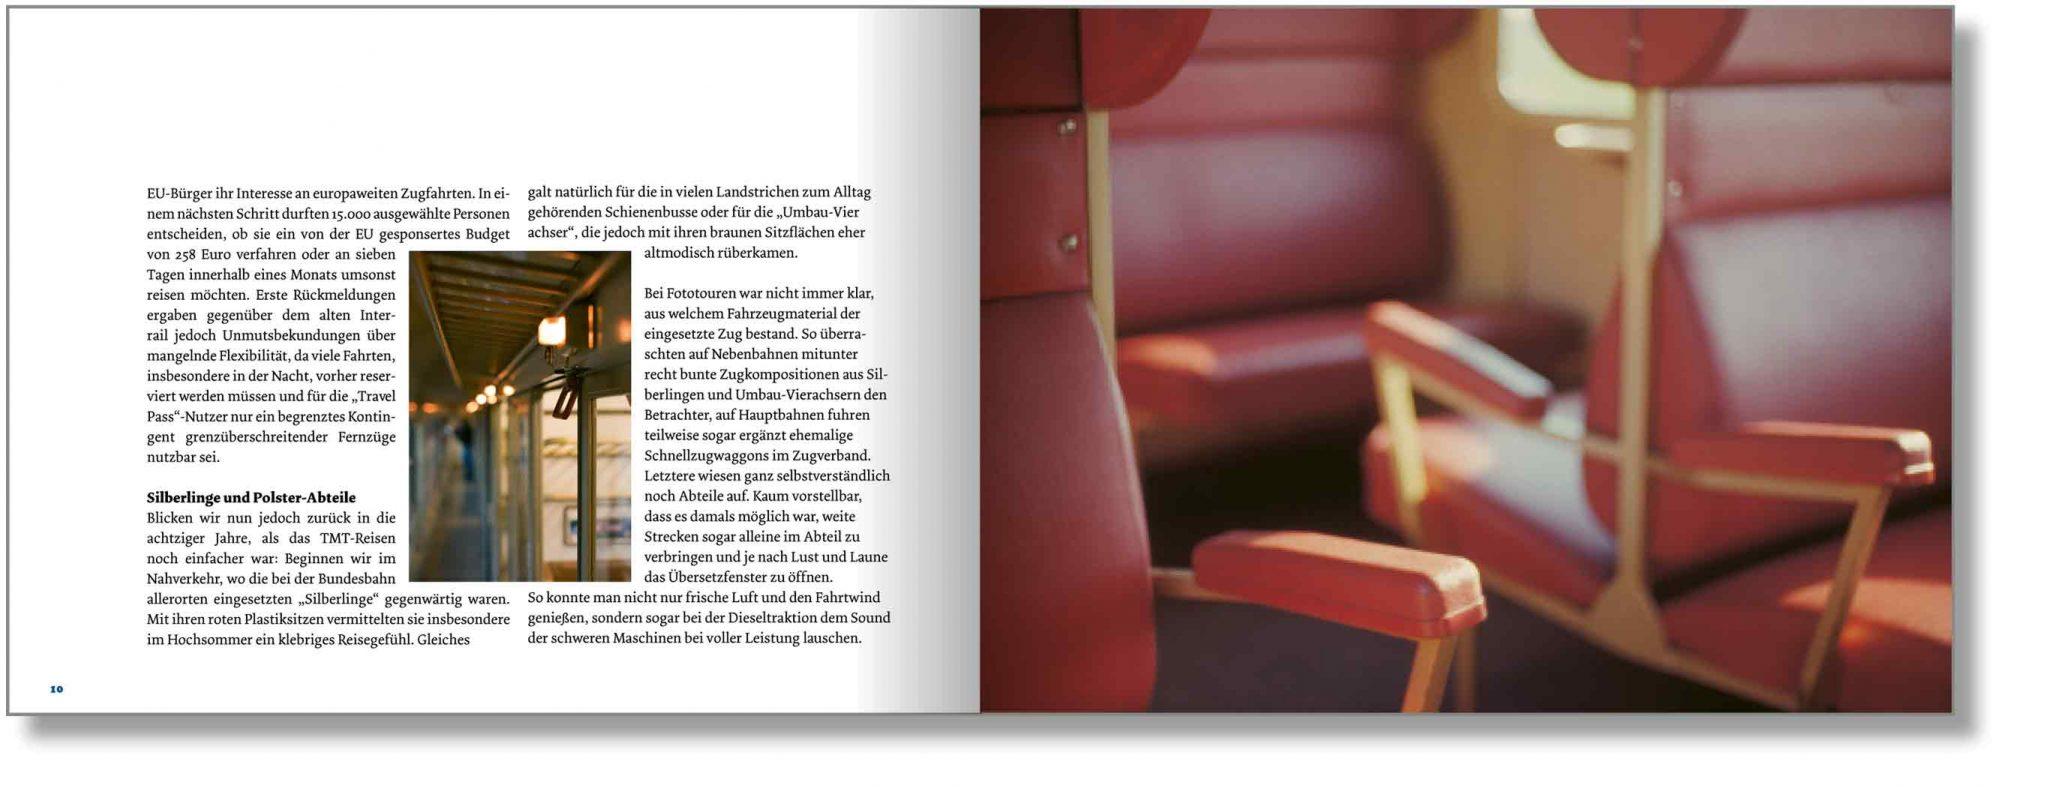 Beispielseiten: Das TMT Buch